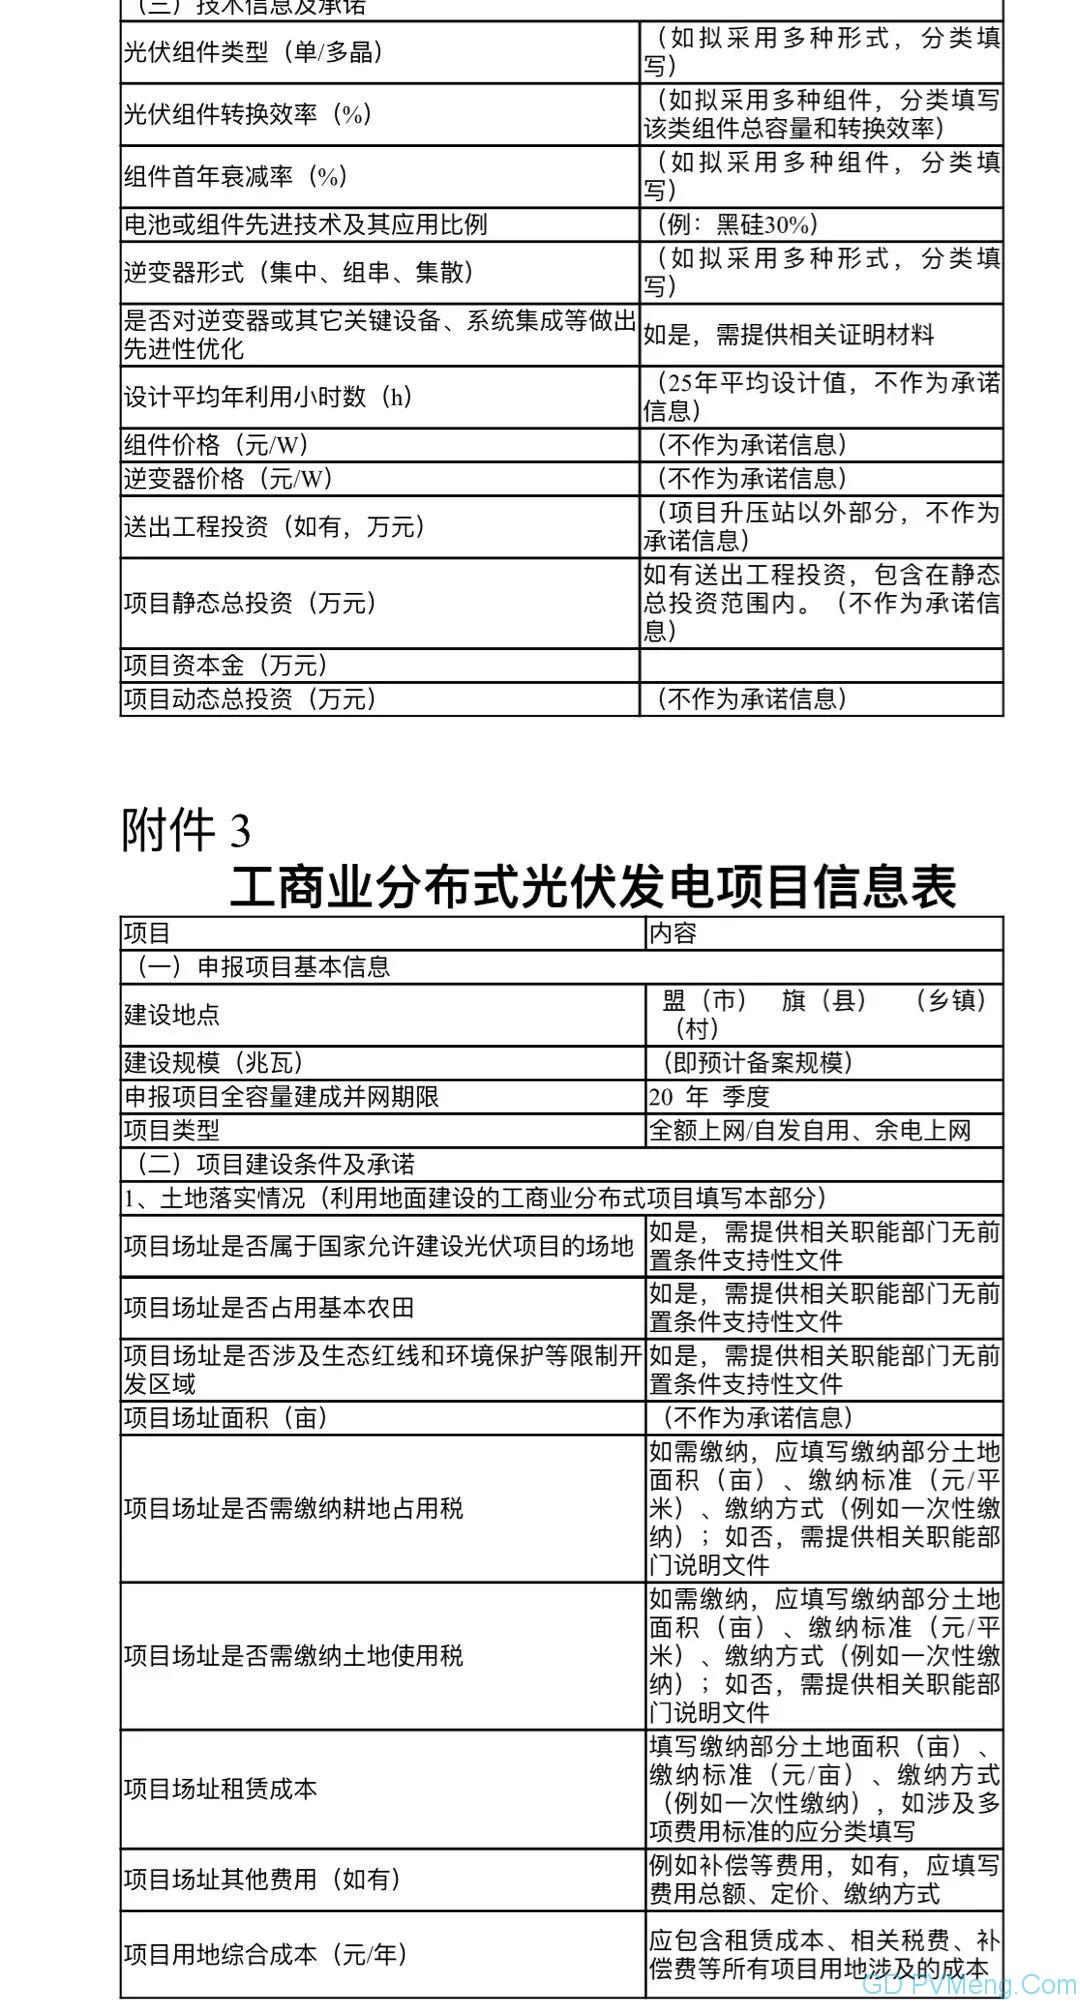 蒙6月21日下午17:00点前||内蒙古自治区2019年光伏发电项目竞争配置工作方案20190616